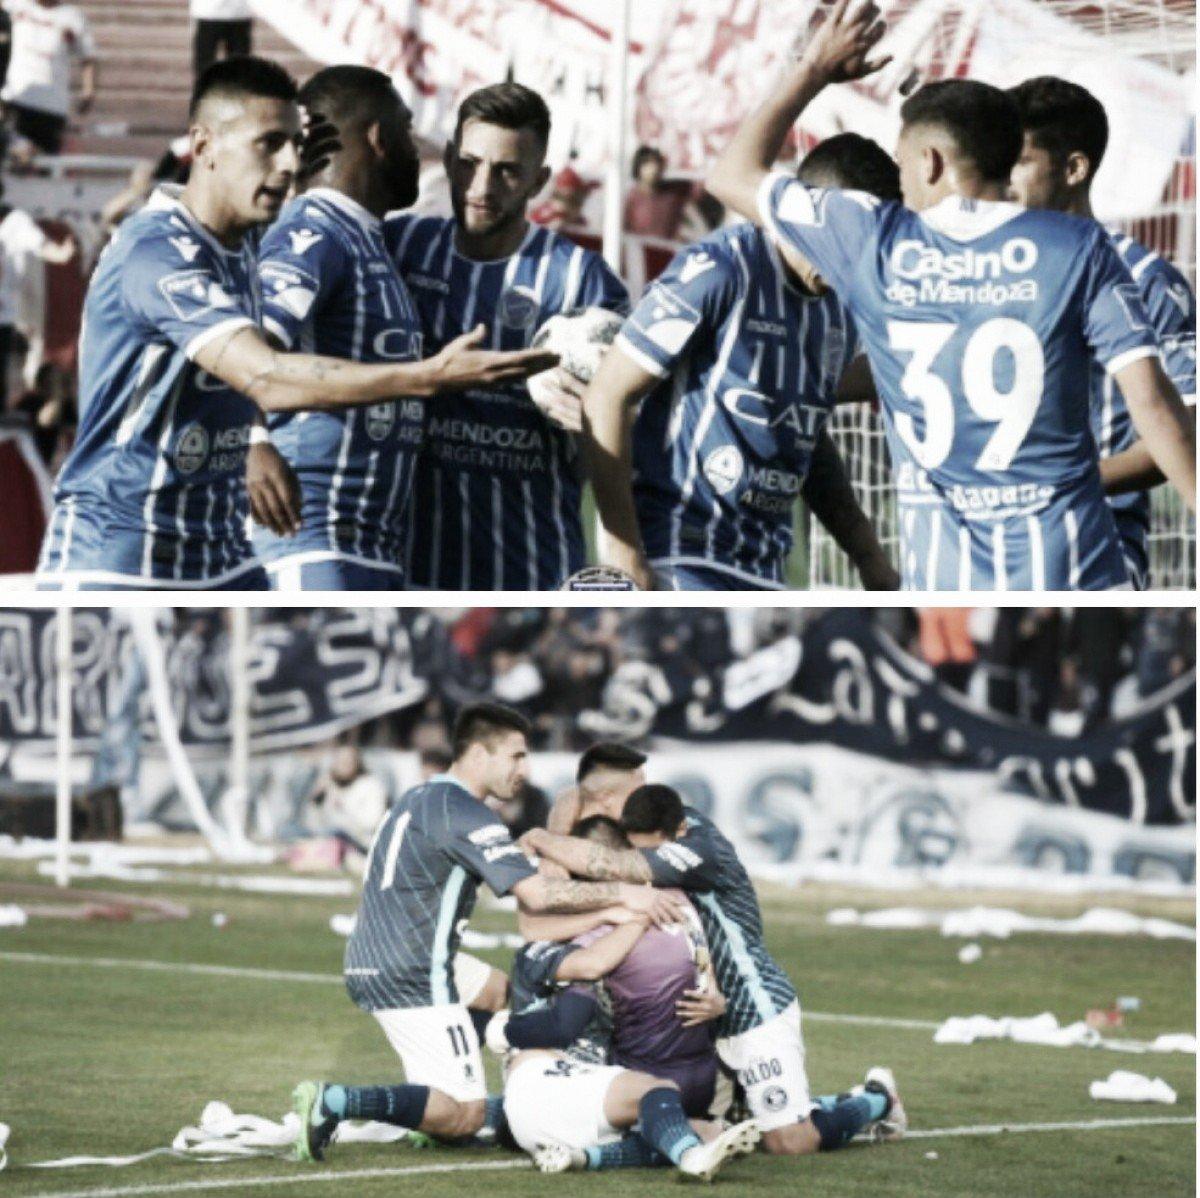 Se definió cuándo y dónde se juega Godoy Cruz - Independiente Rivadavia